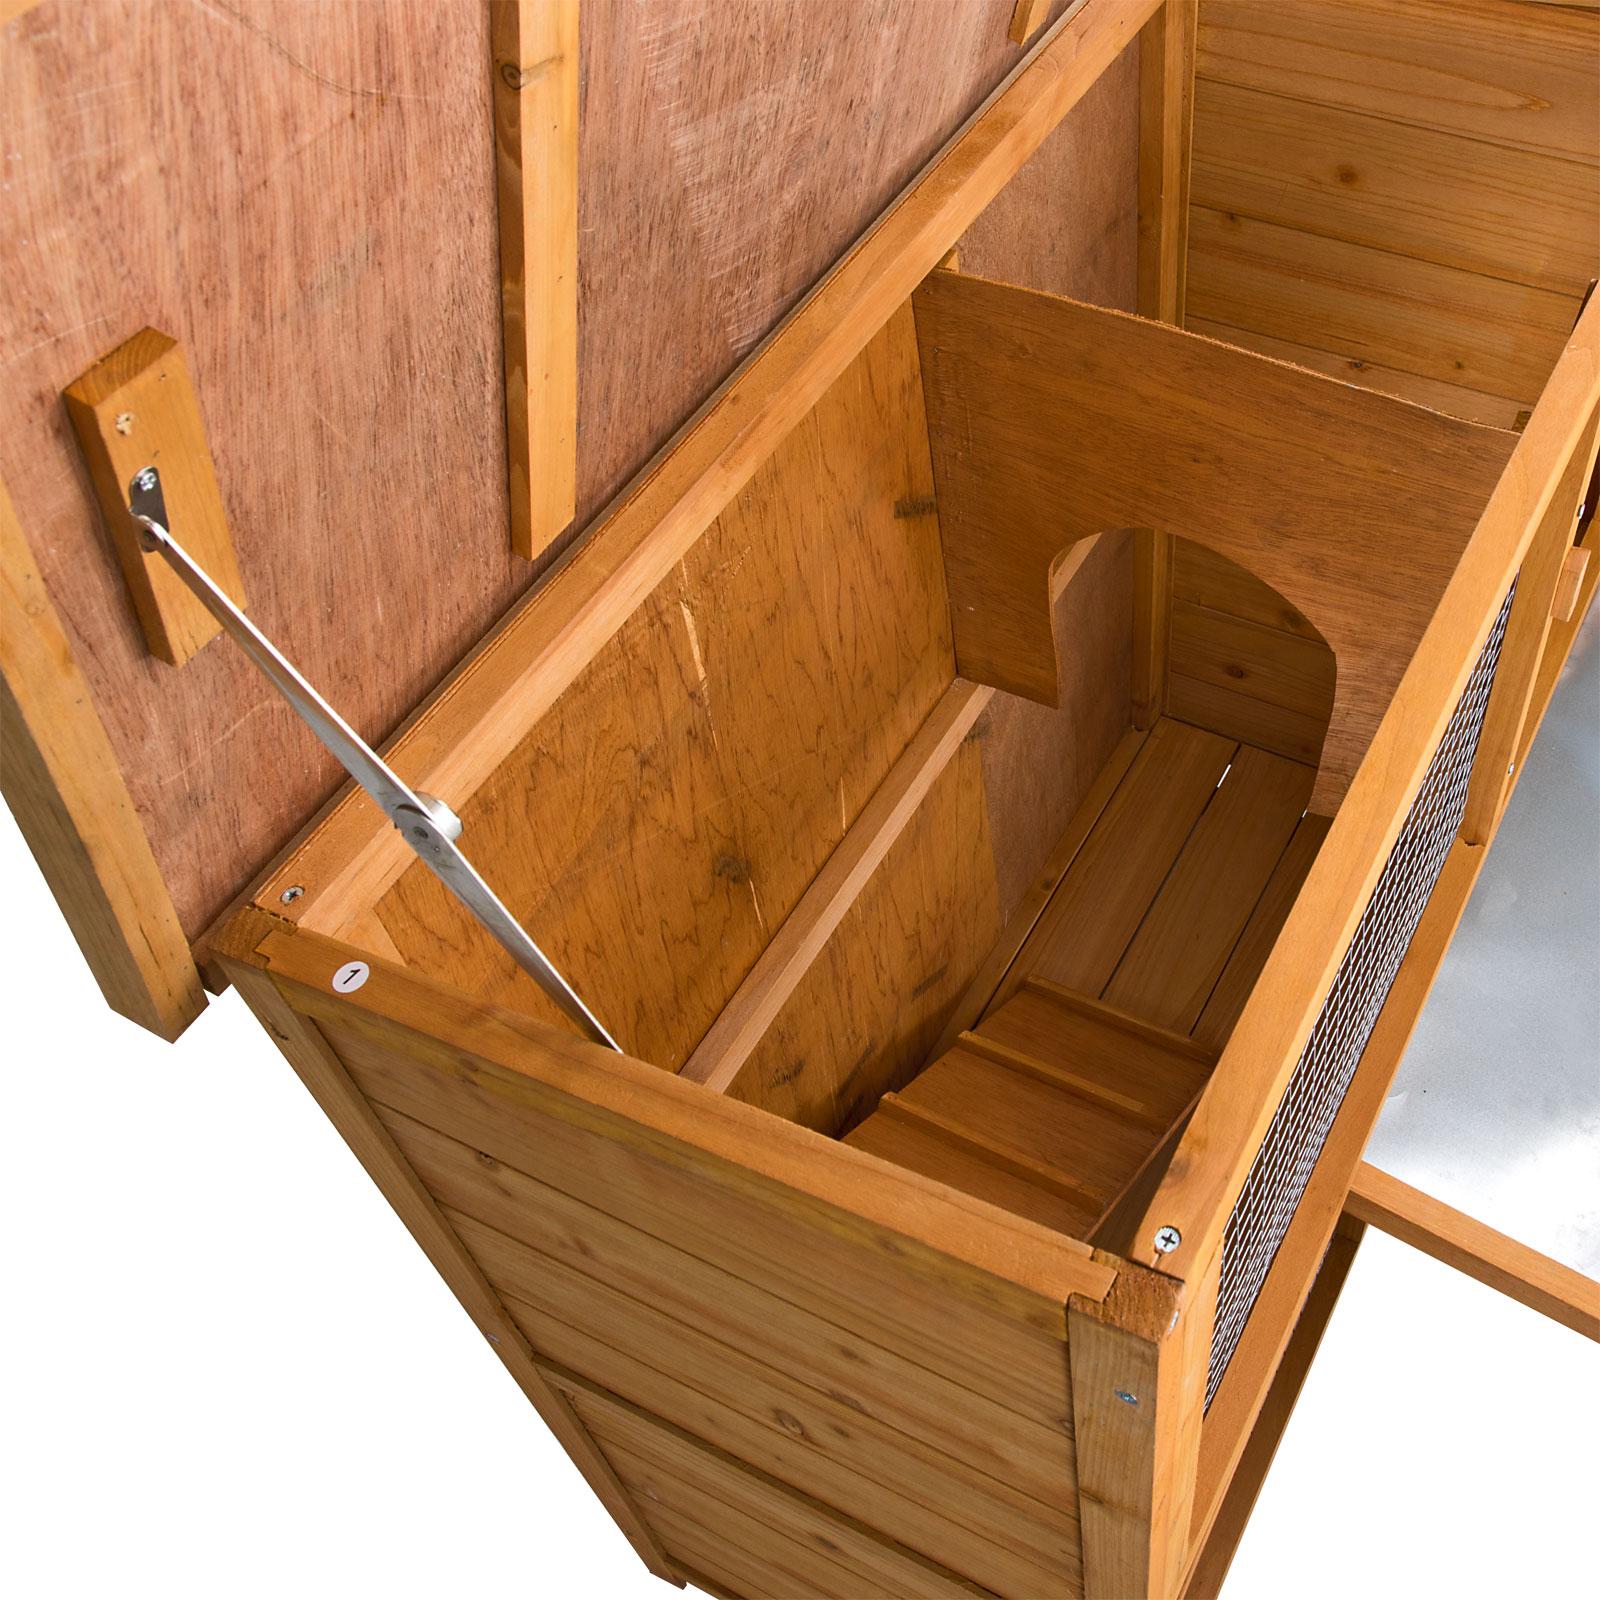 hasenhaus hasenstall kaninchenstall kleintierstall meerschweinchenstall neu41228. Black Bedroom Furniture Sets. Home Design Ideas